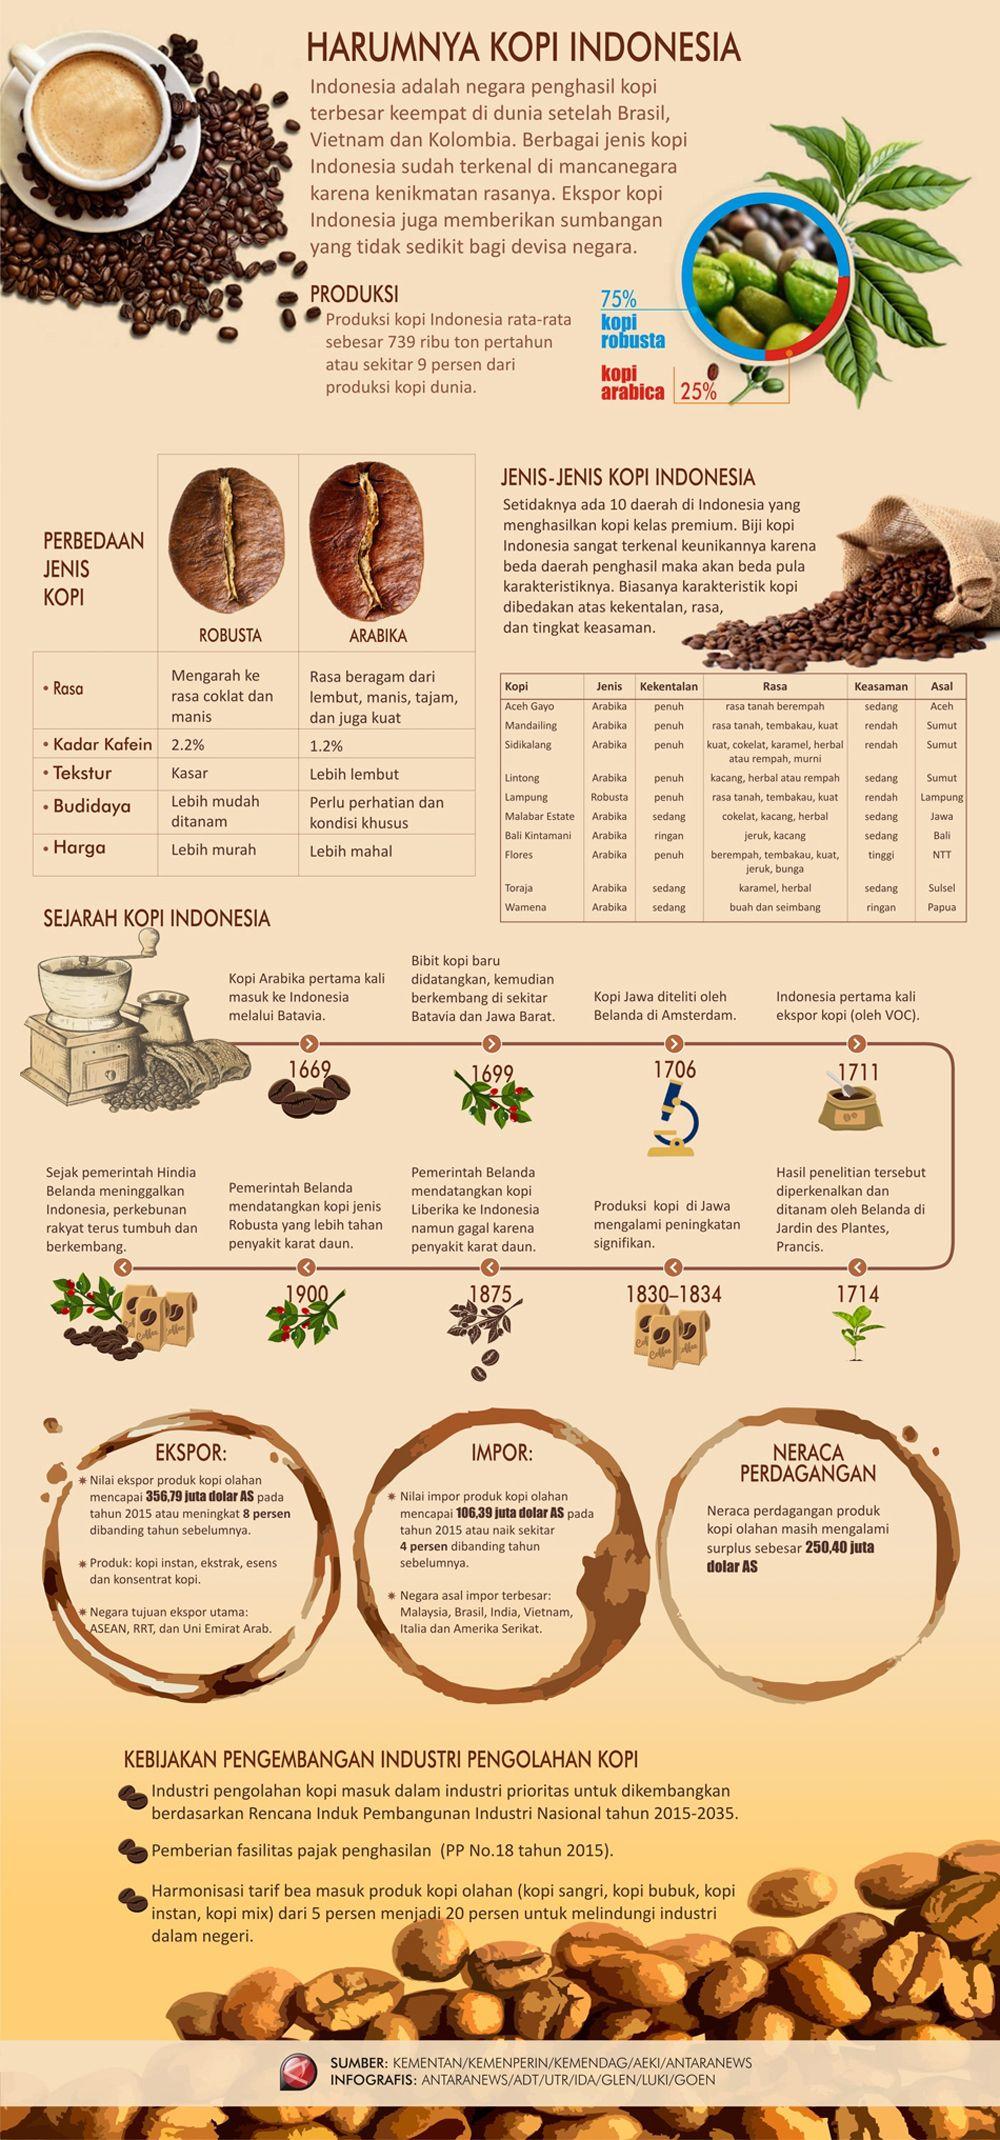 Indonesia coffe Pecinta kopi, Kopi, Resep kopi